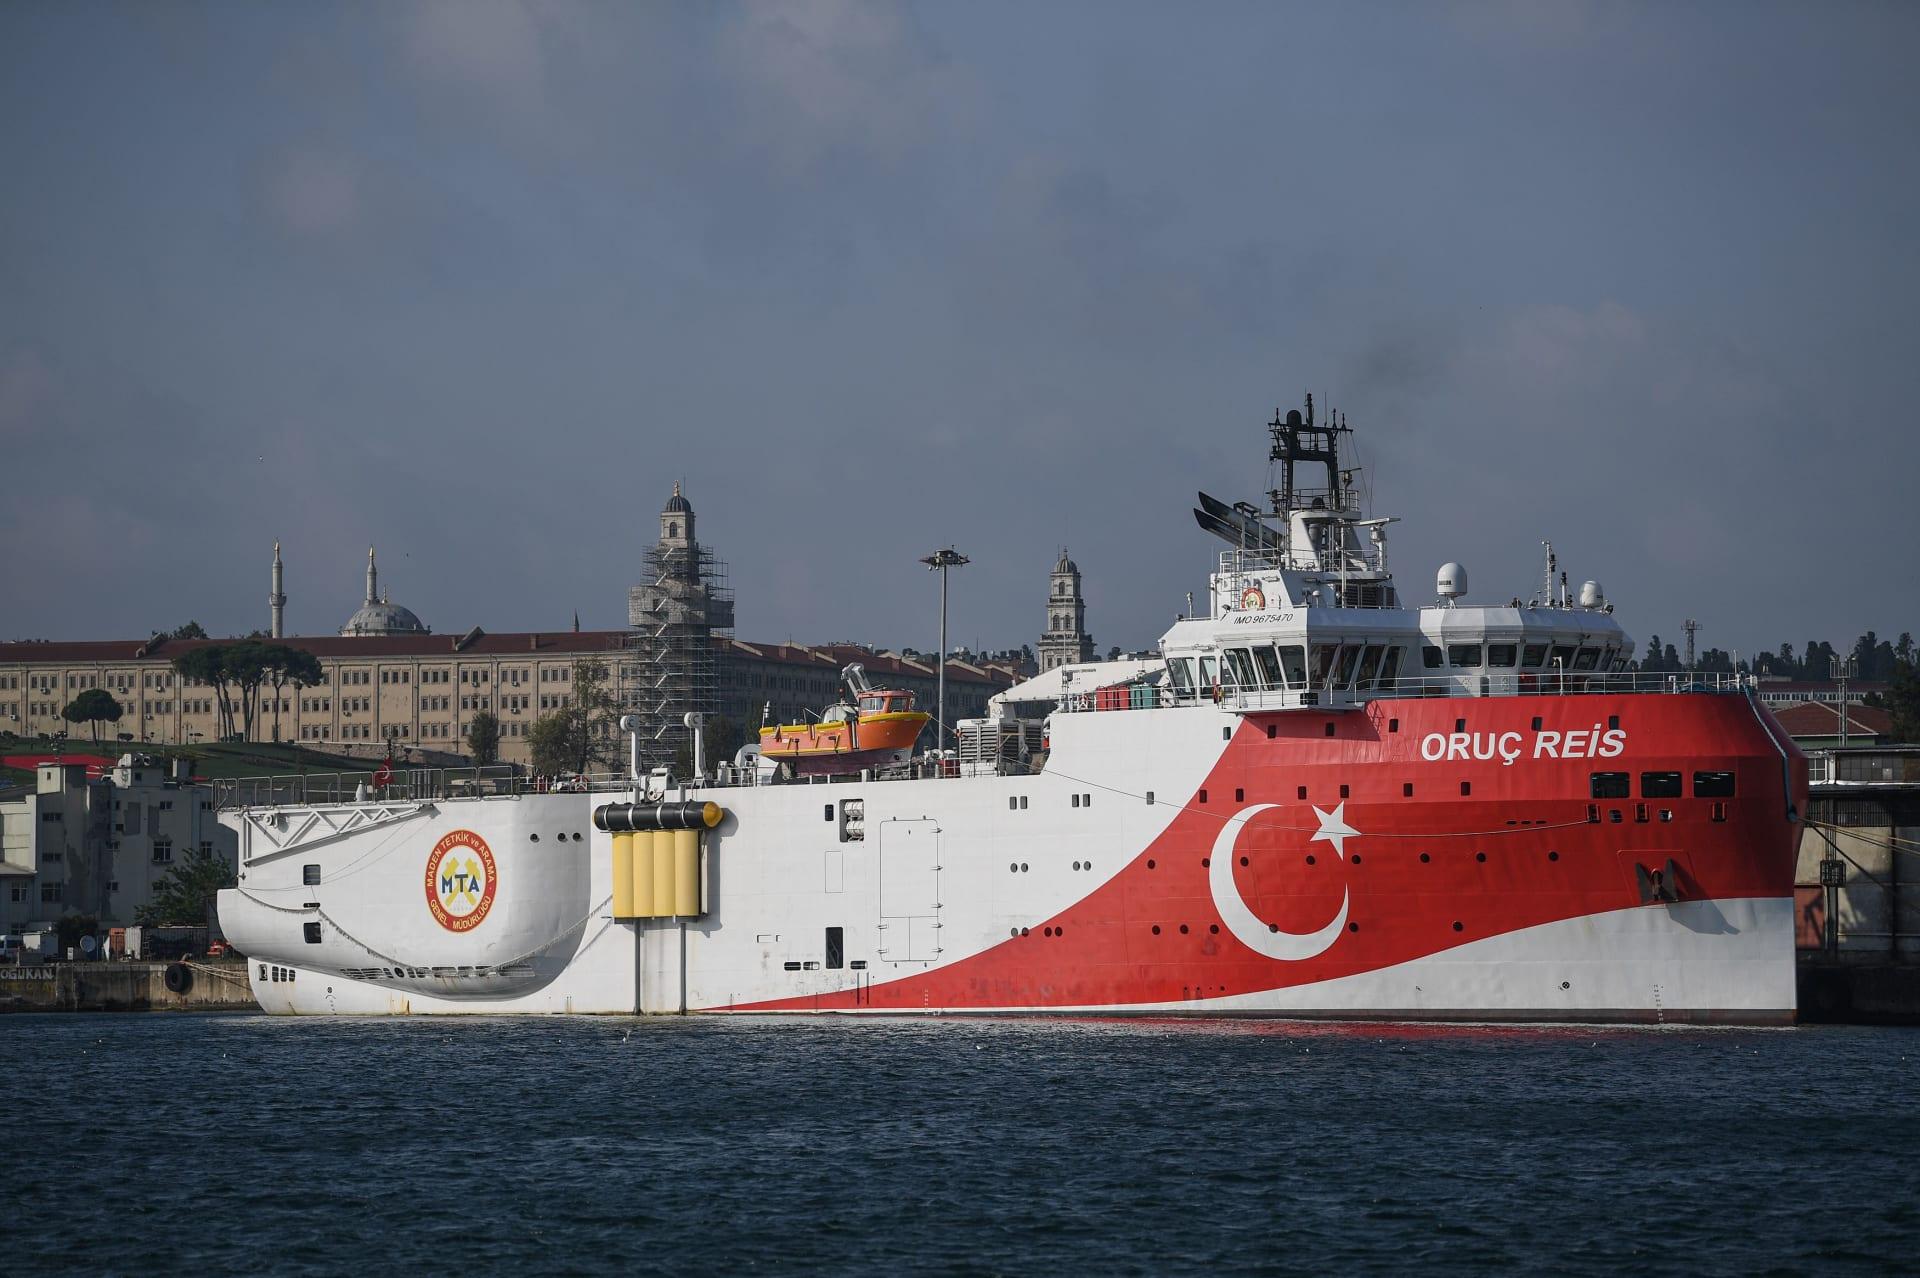 تركيا ترسل سفينة مسح اهتزازي إلى مياه المتوسط المتنازع عليها.. واليونان تُحذر